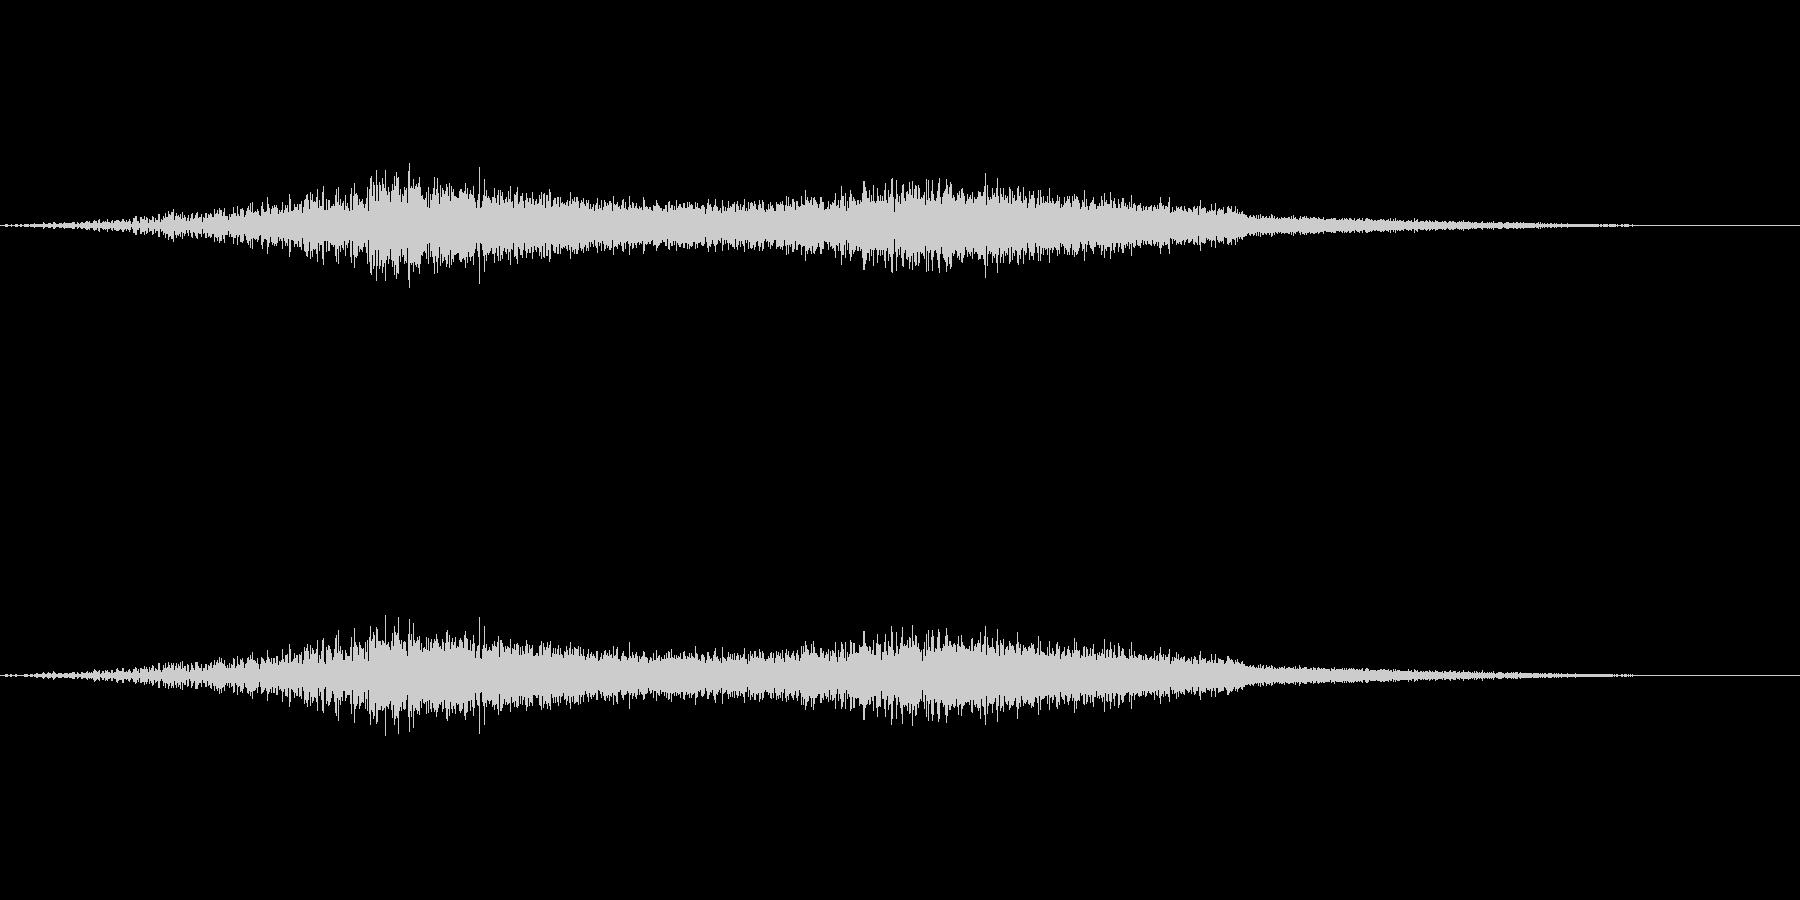 機械的な風の音(EDMなどにも効果的)の未再生の波形